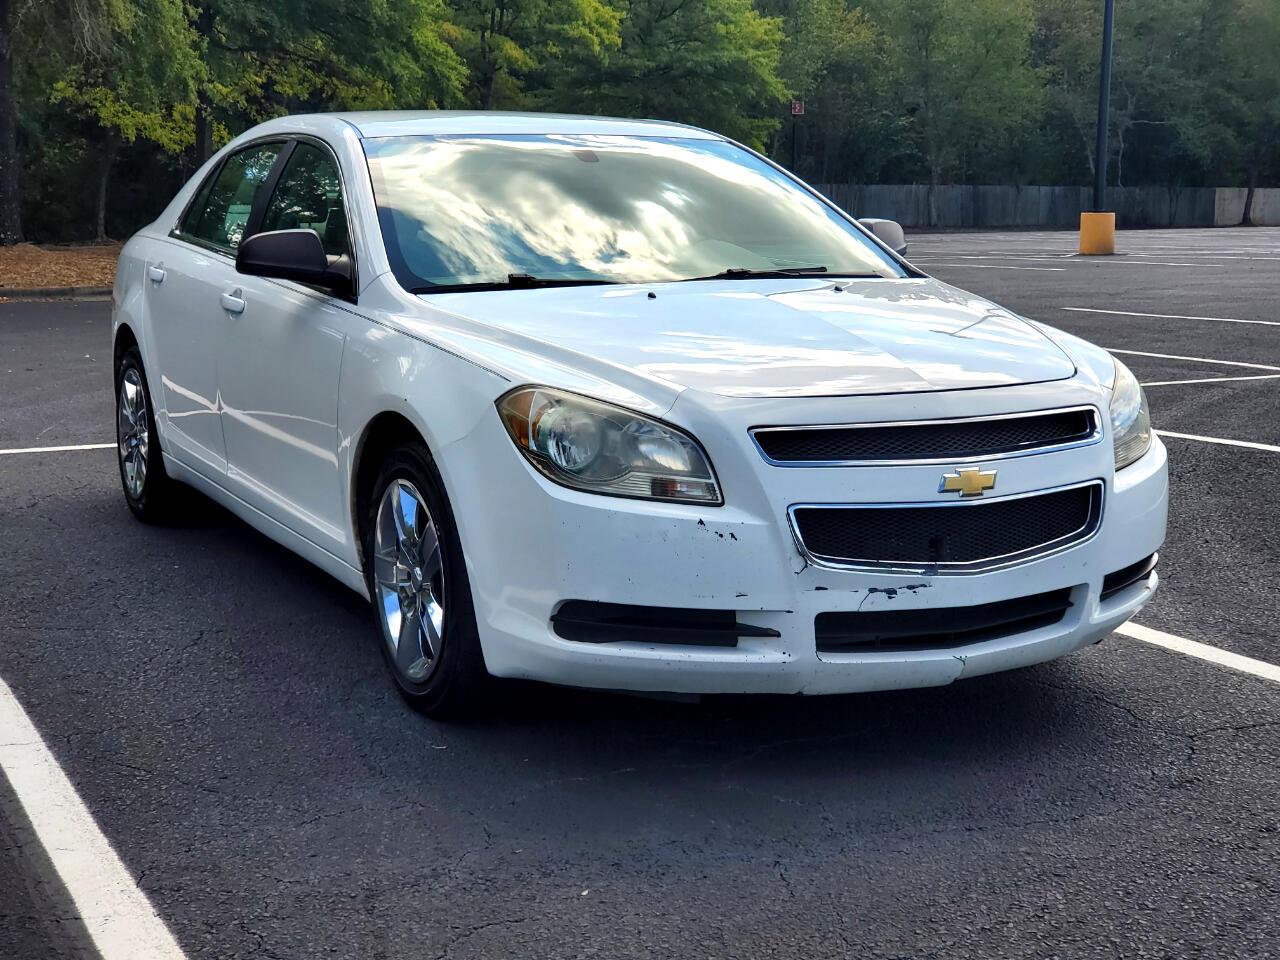 Chevrolet Malibu 4dr Sdn LS w/1FL 2012